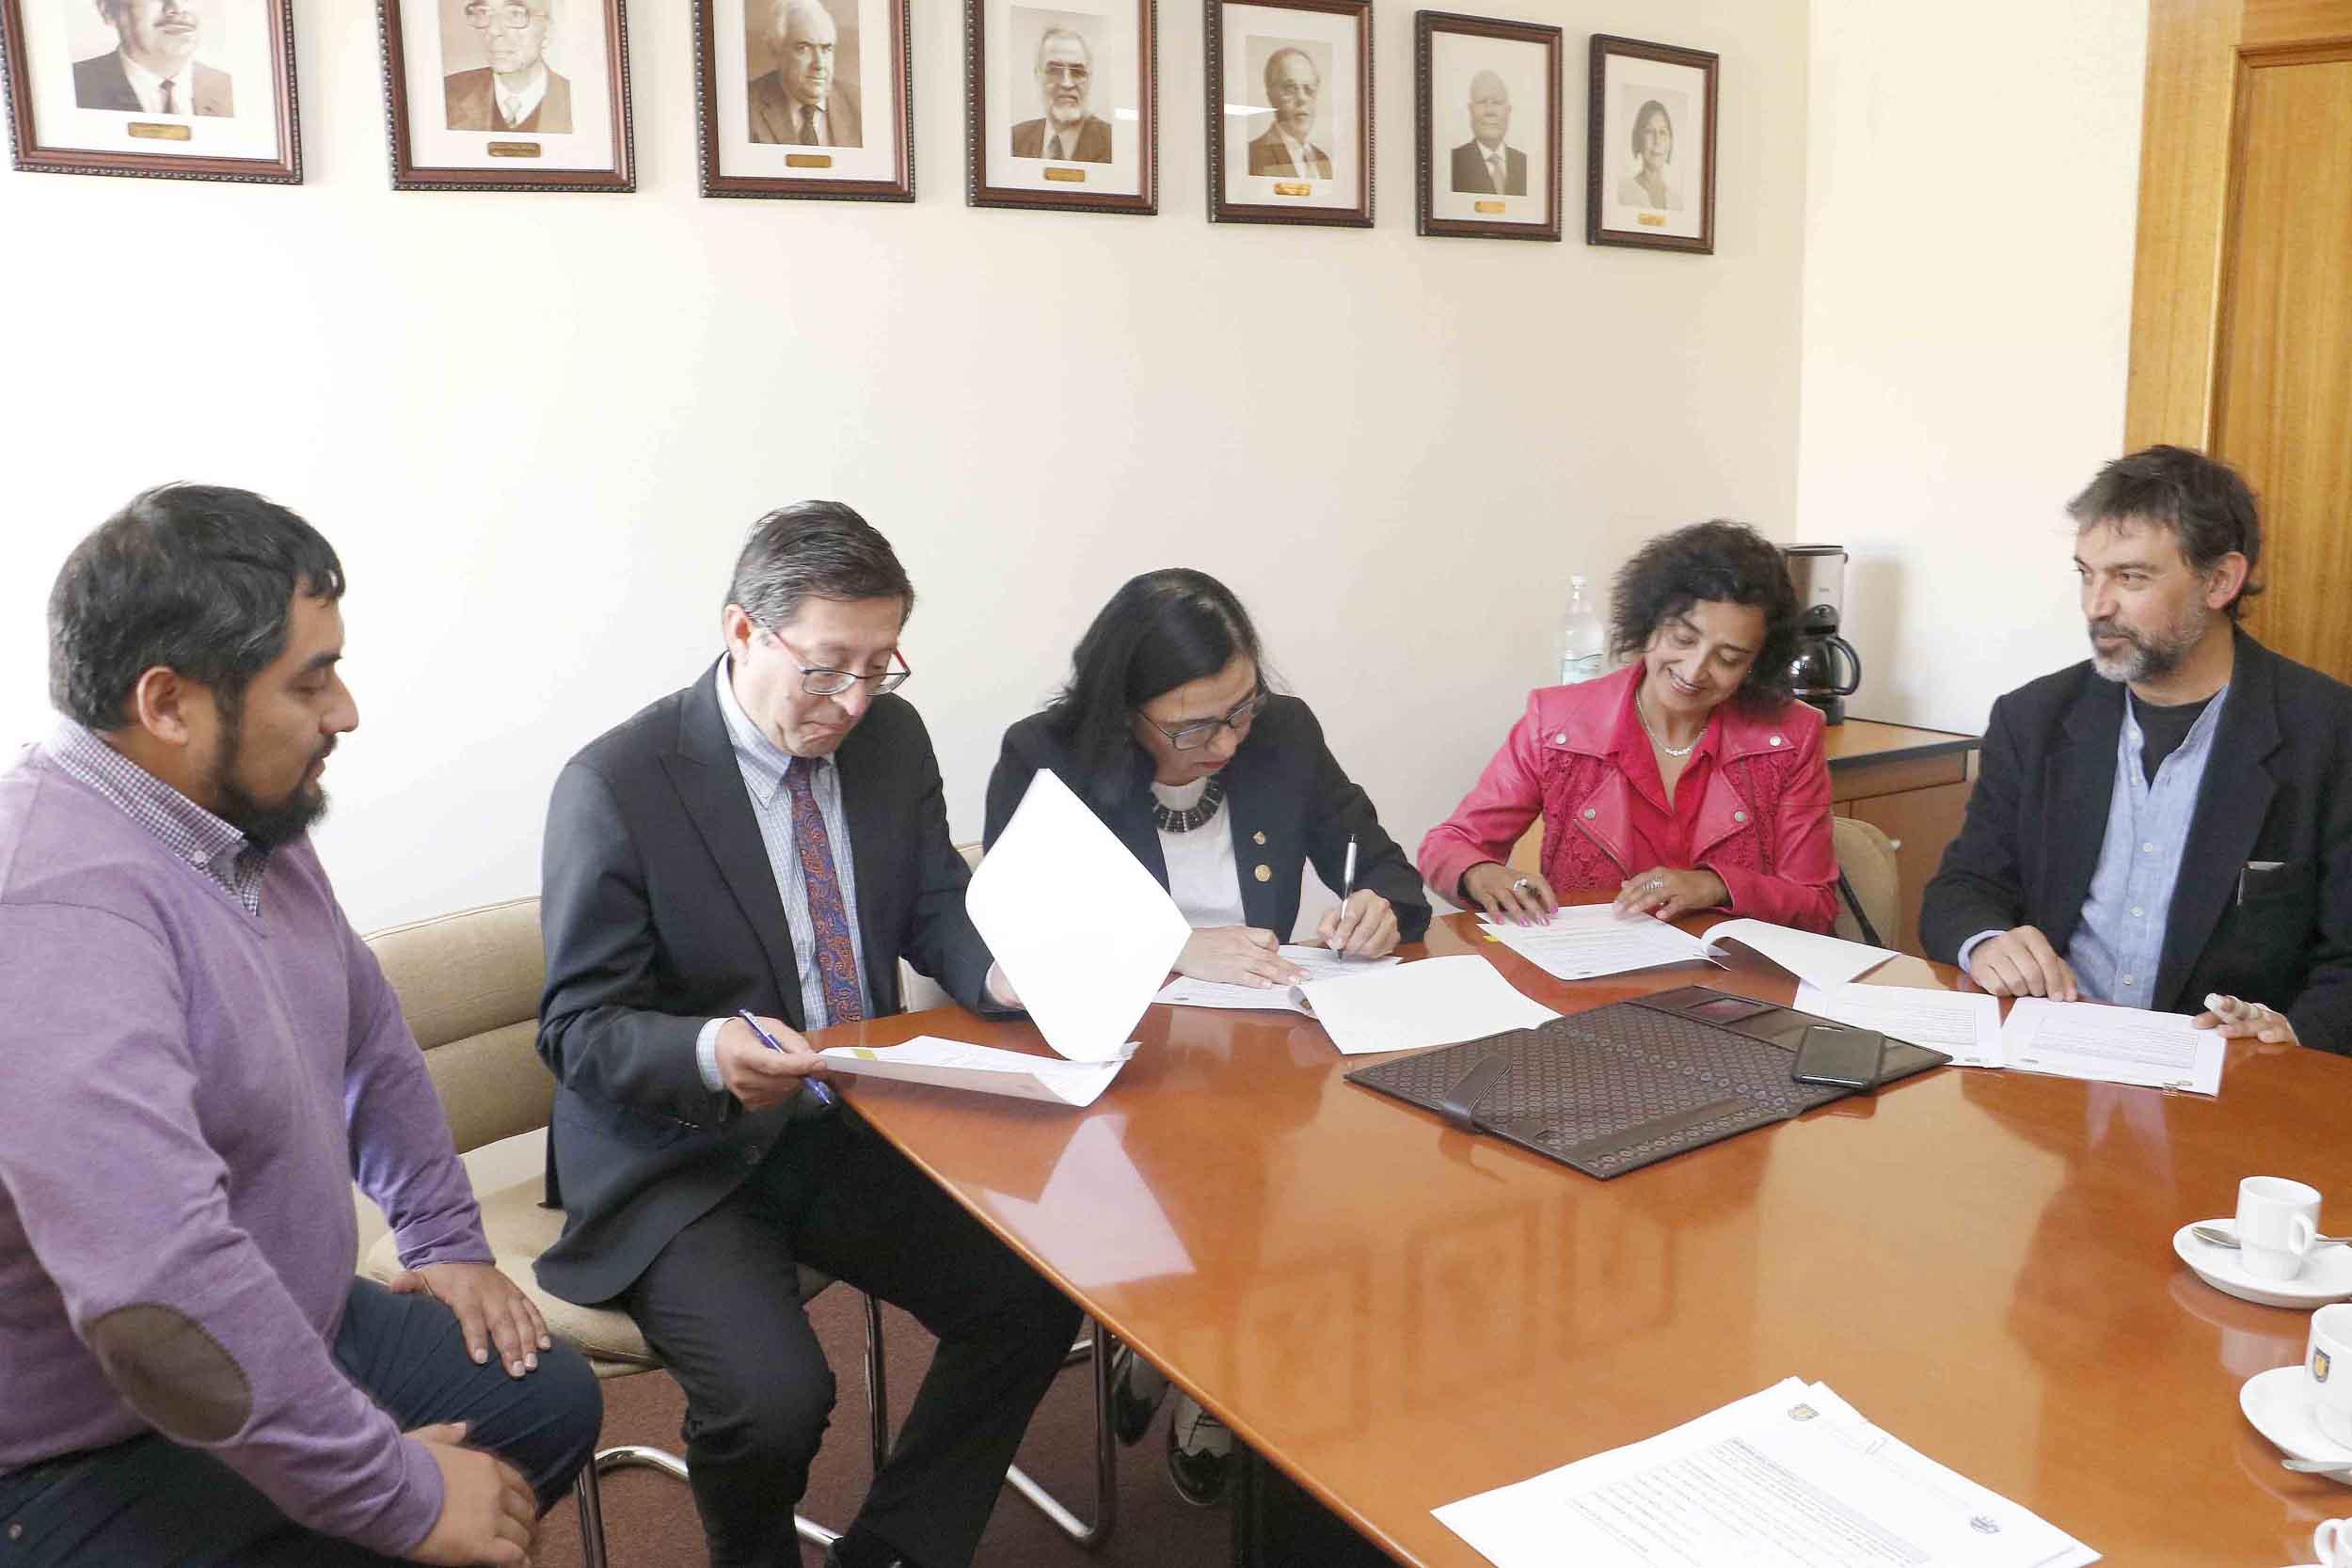 Doctorados en Ciencias Químicas y Ciencias Biológicas inician proyecto conjunto de mejoramiento